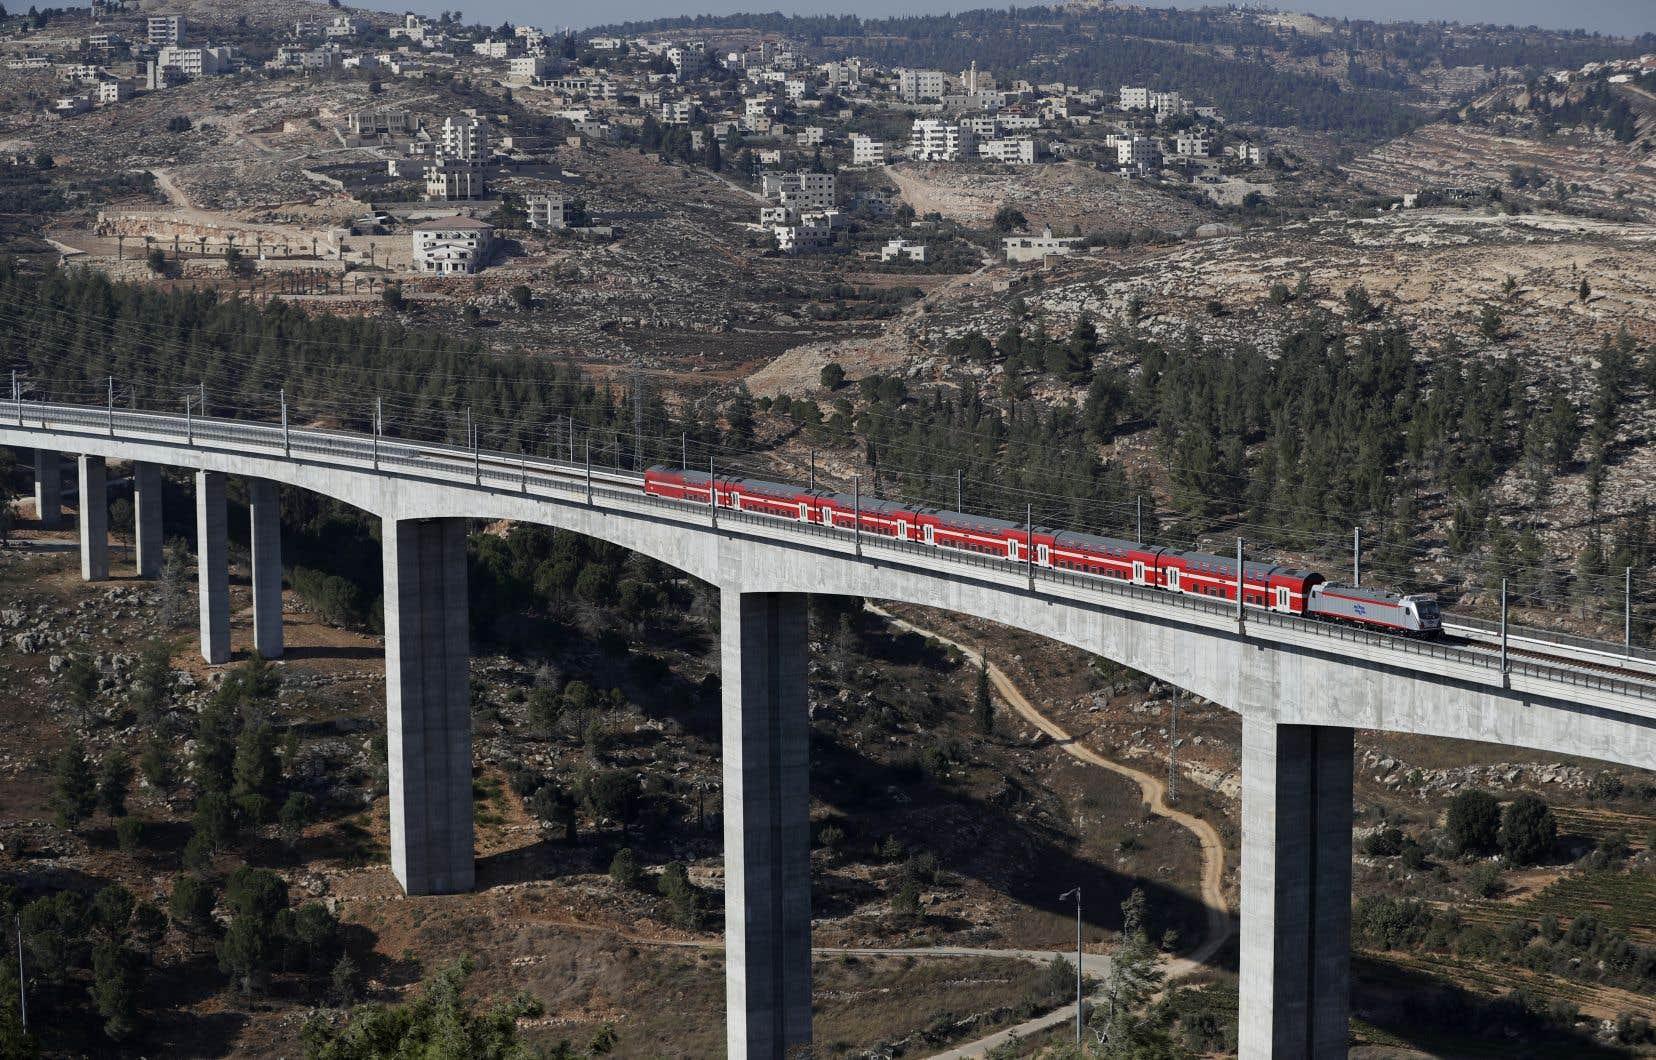 <p>La ligne devait initialement commencer à fonctionner en 2008. Mais le chantier sous maîtrise israélienne en partenariat avec des entreprises chinoise, italienne et russe, a accusé de nombreux retards.</p>